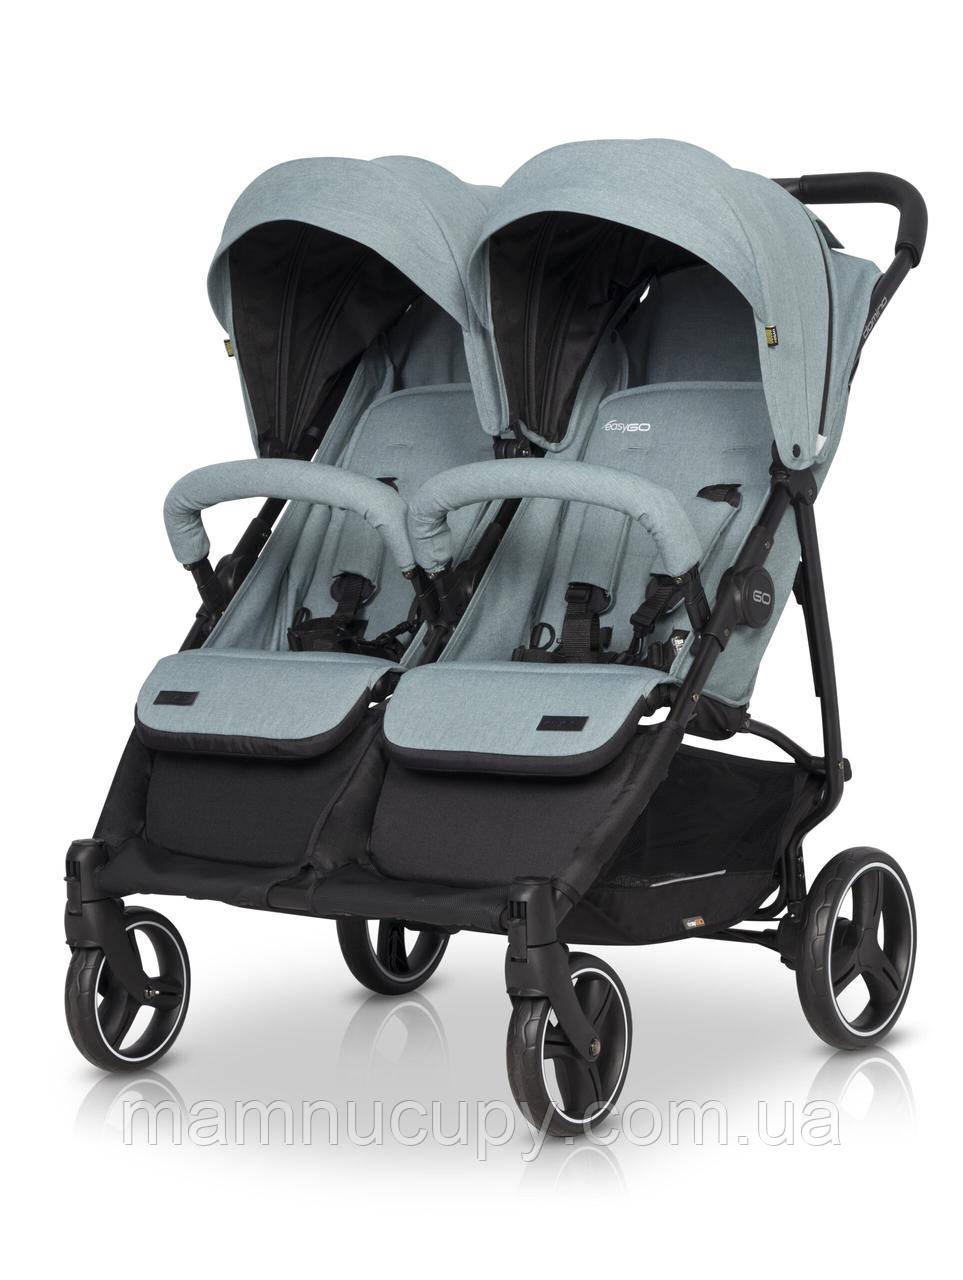 Детская коляска 2 в 1 для двойни EasyGo Domino 2020 Mineral с двумя люльками